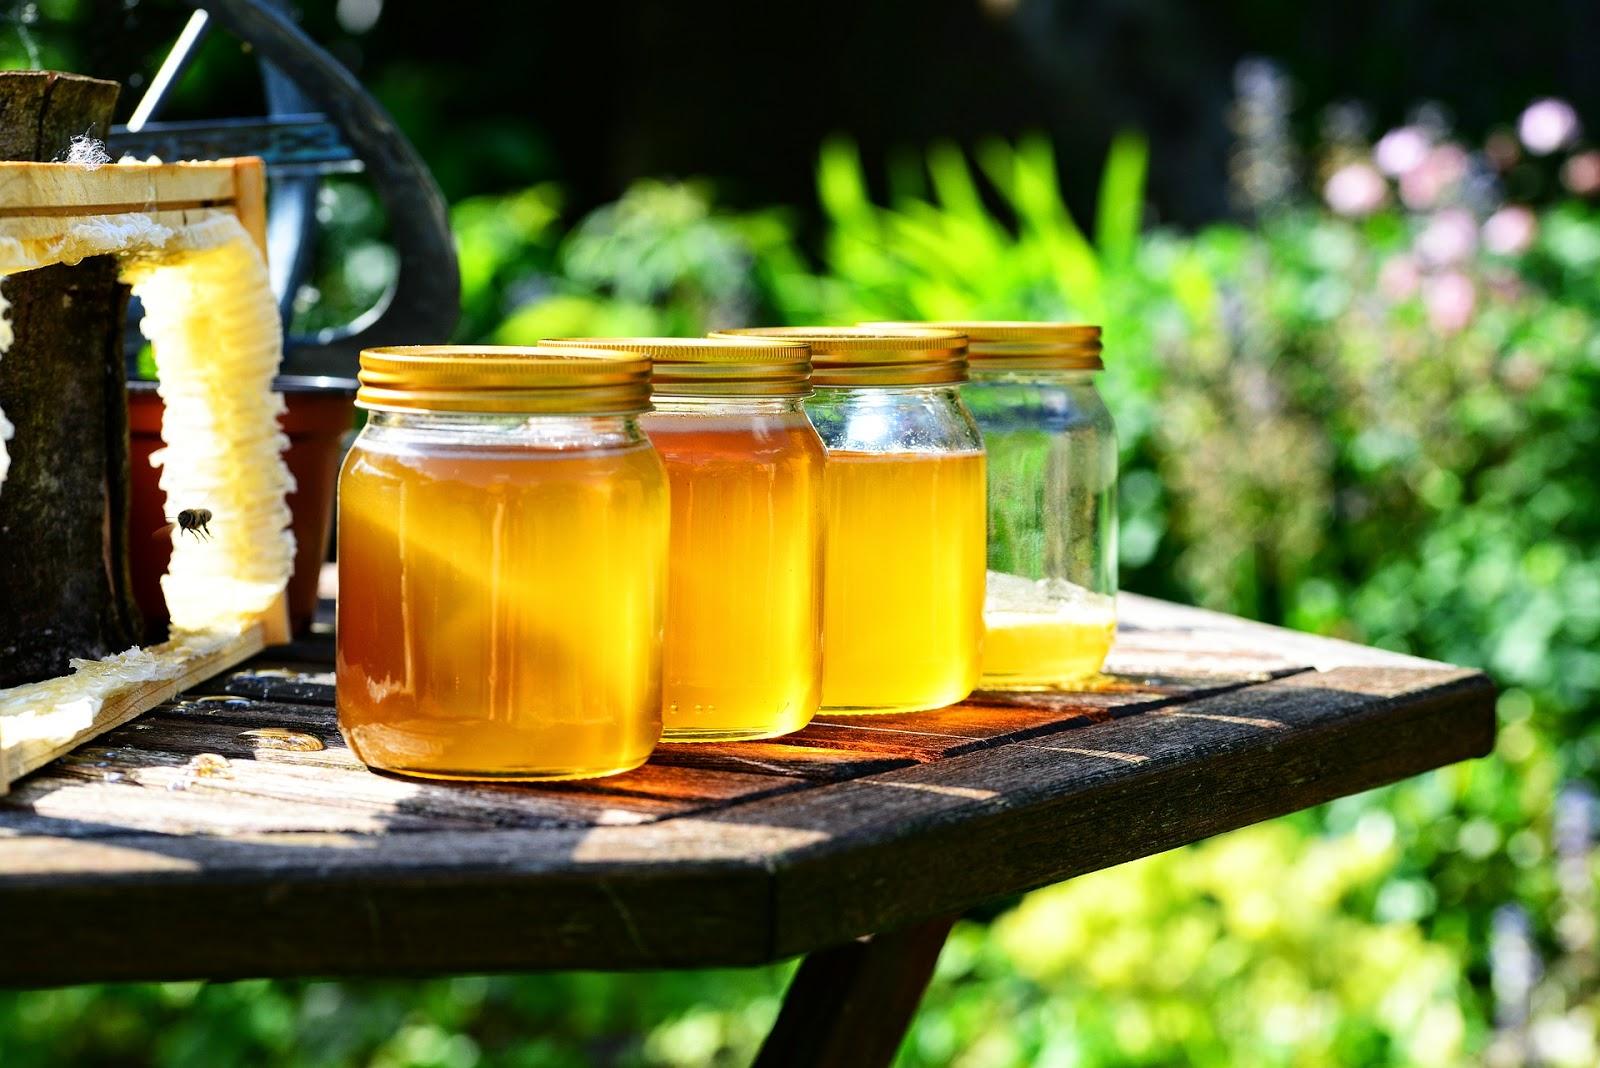 Τι κάνουμε στην περίπτωση που το μέλι είναι ζαχαρωμένο;